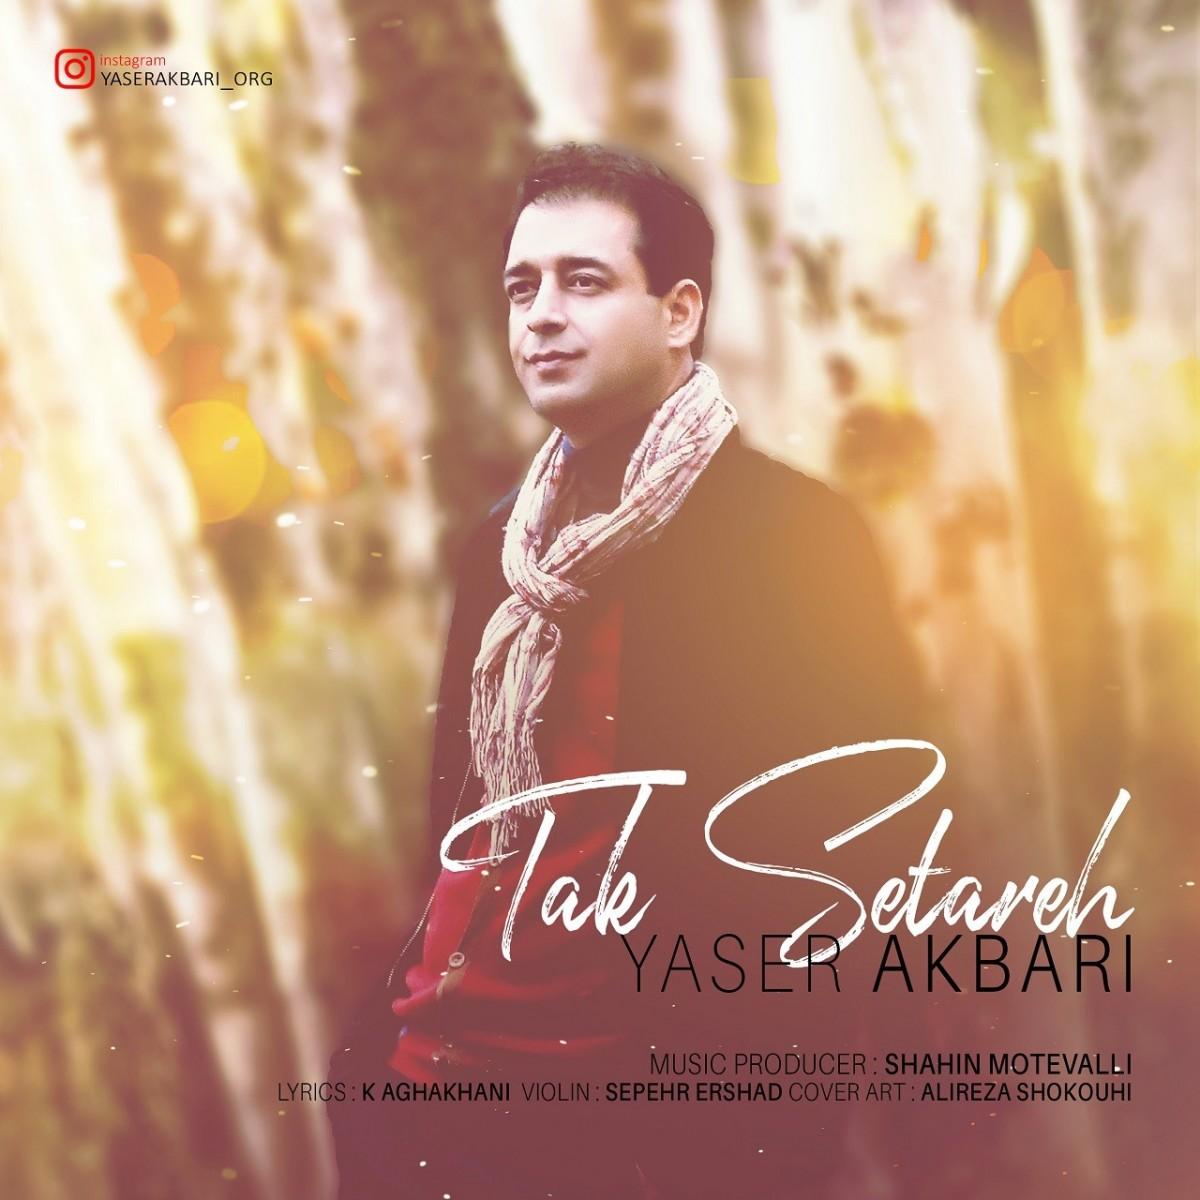 نامبر وان موزیک | دانلود آهنگ جدید Yaser-Akbari-Tak-Setareh